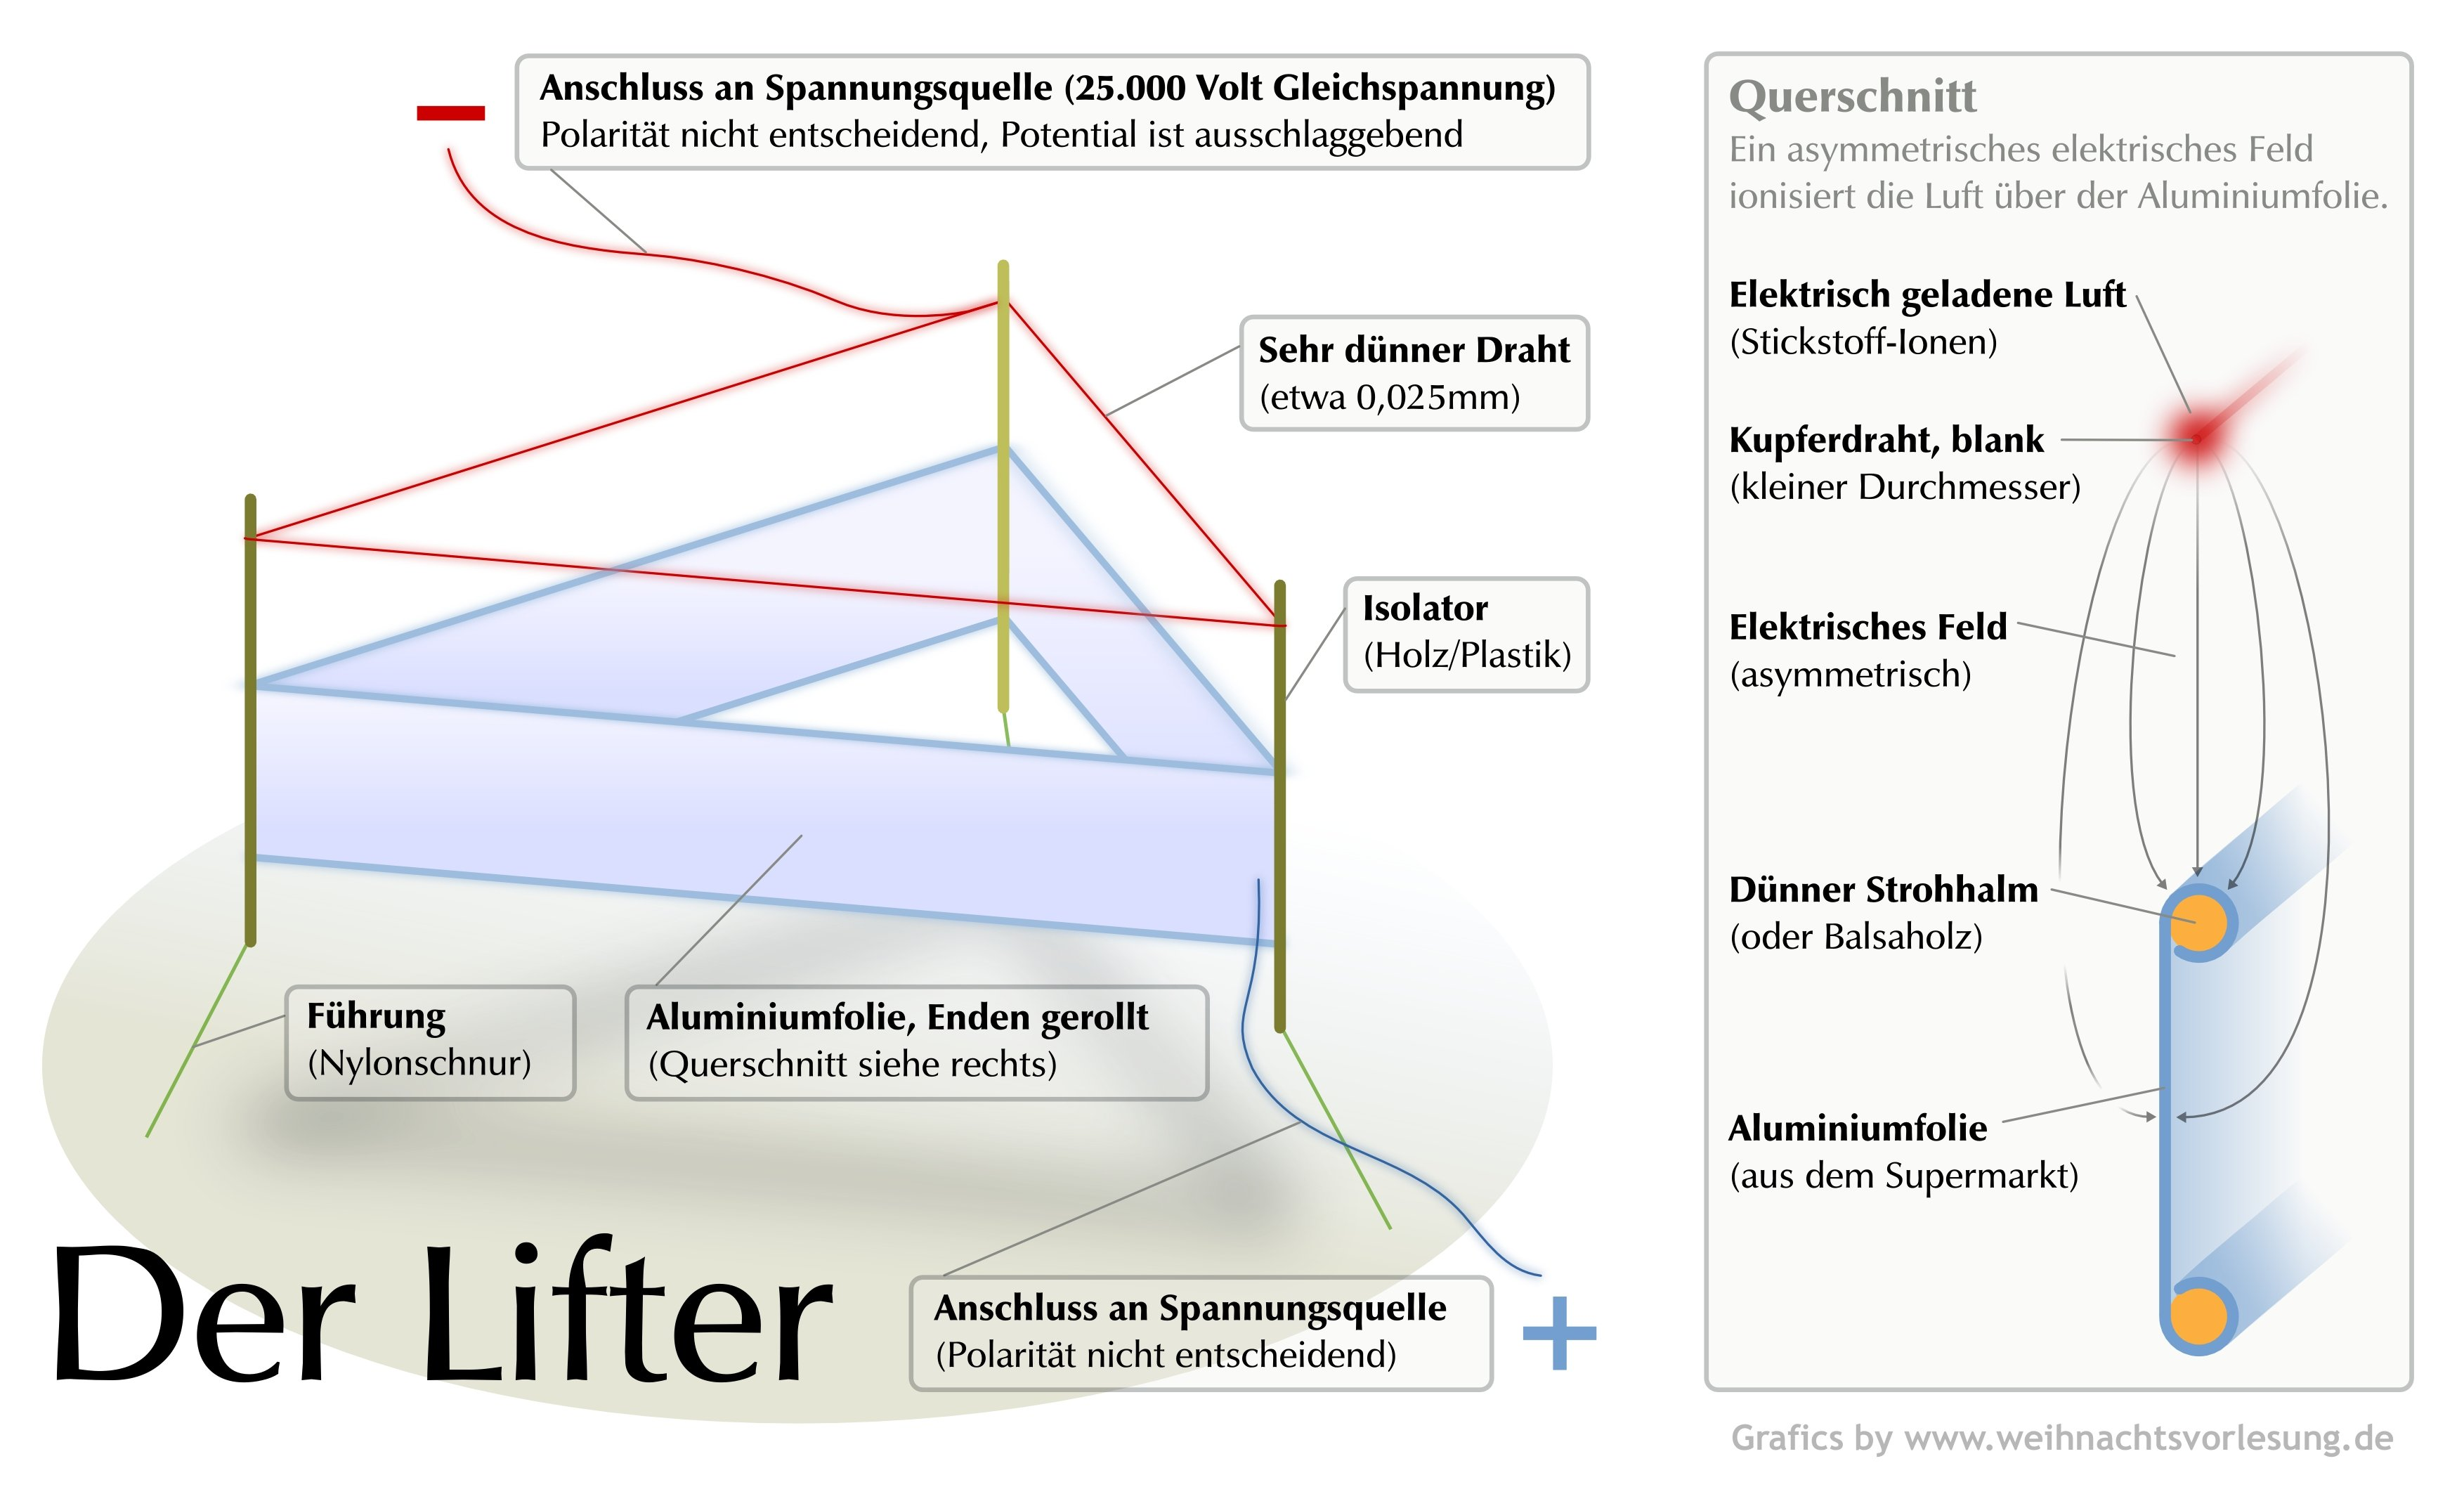 Charmant Elektrisches Draht Wiki Zeitgenössisch - Elektrische ...